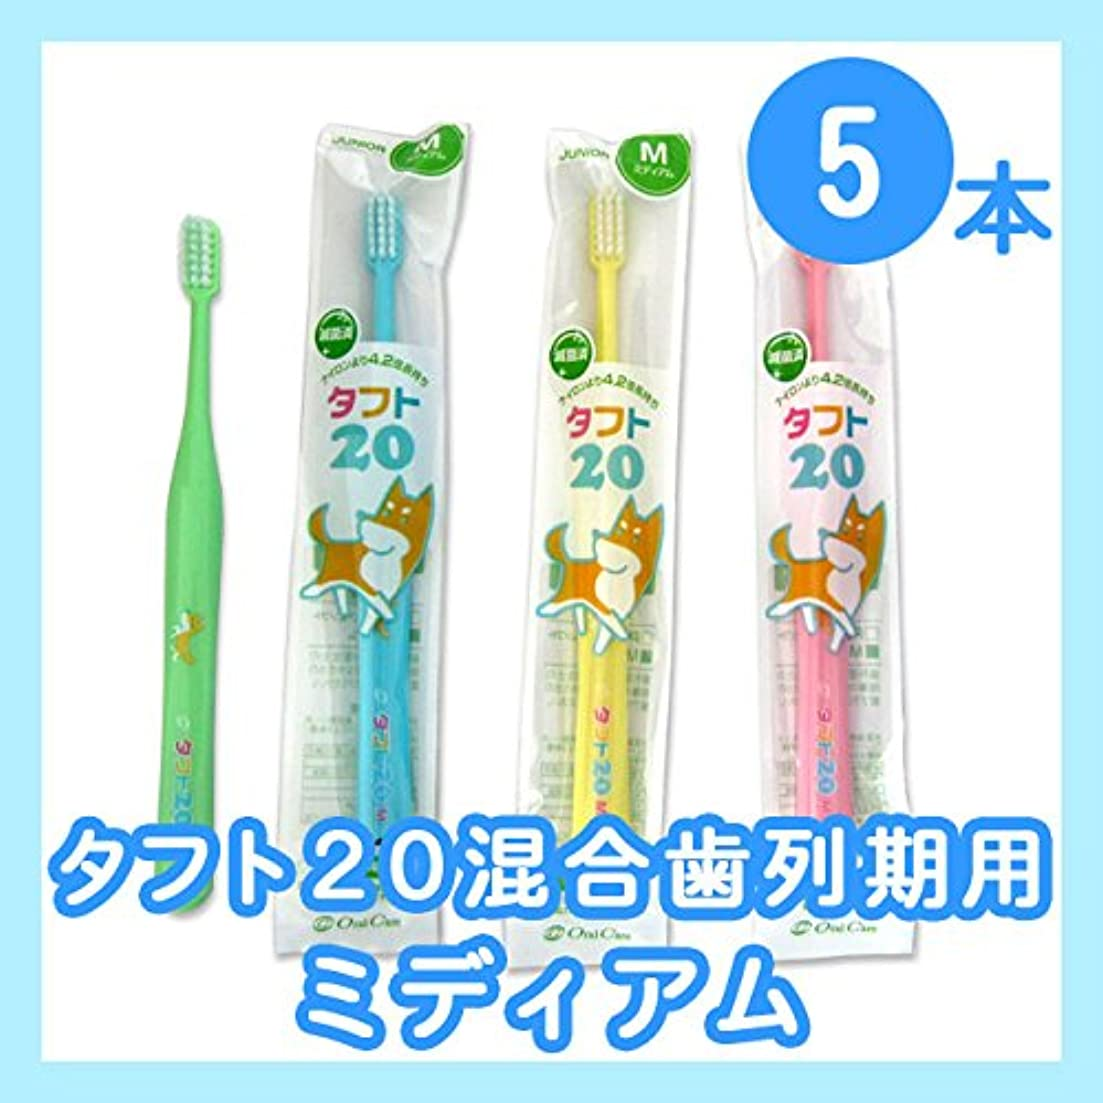 タフト20 5本 オーラルケア タフト20/ミディアム 混合歯列期用(6~12歳)こども歯ブラシ 5本セット 子供 歯ブラシ【 イエロー